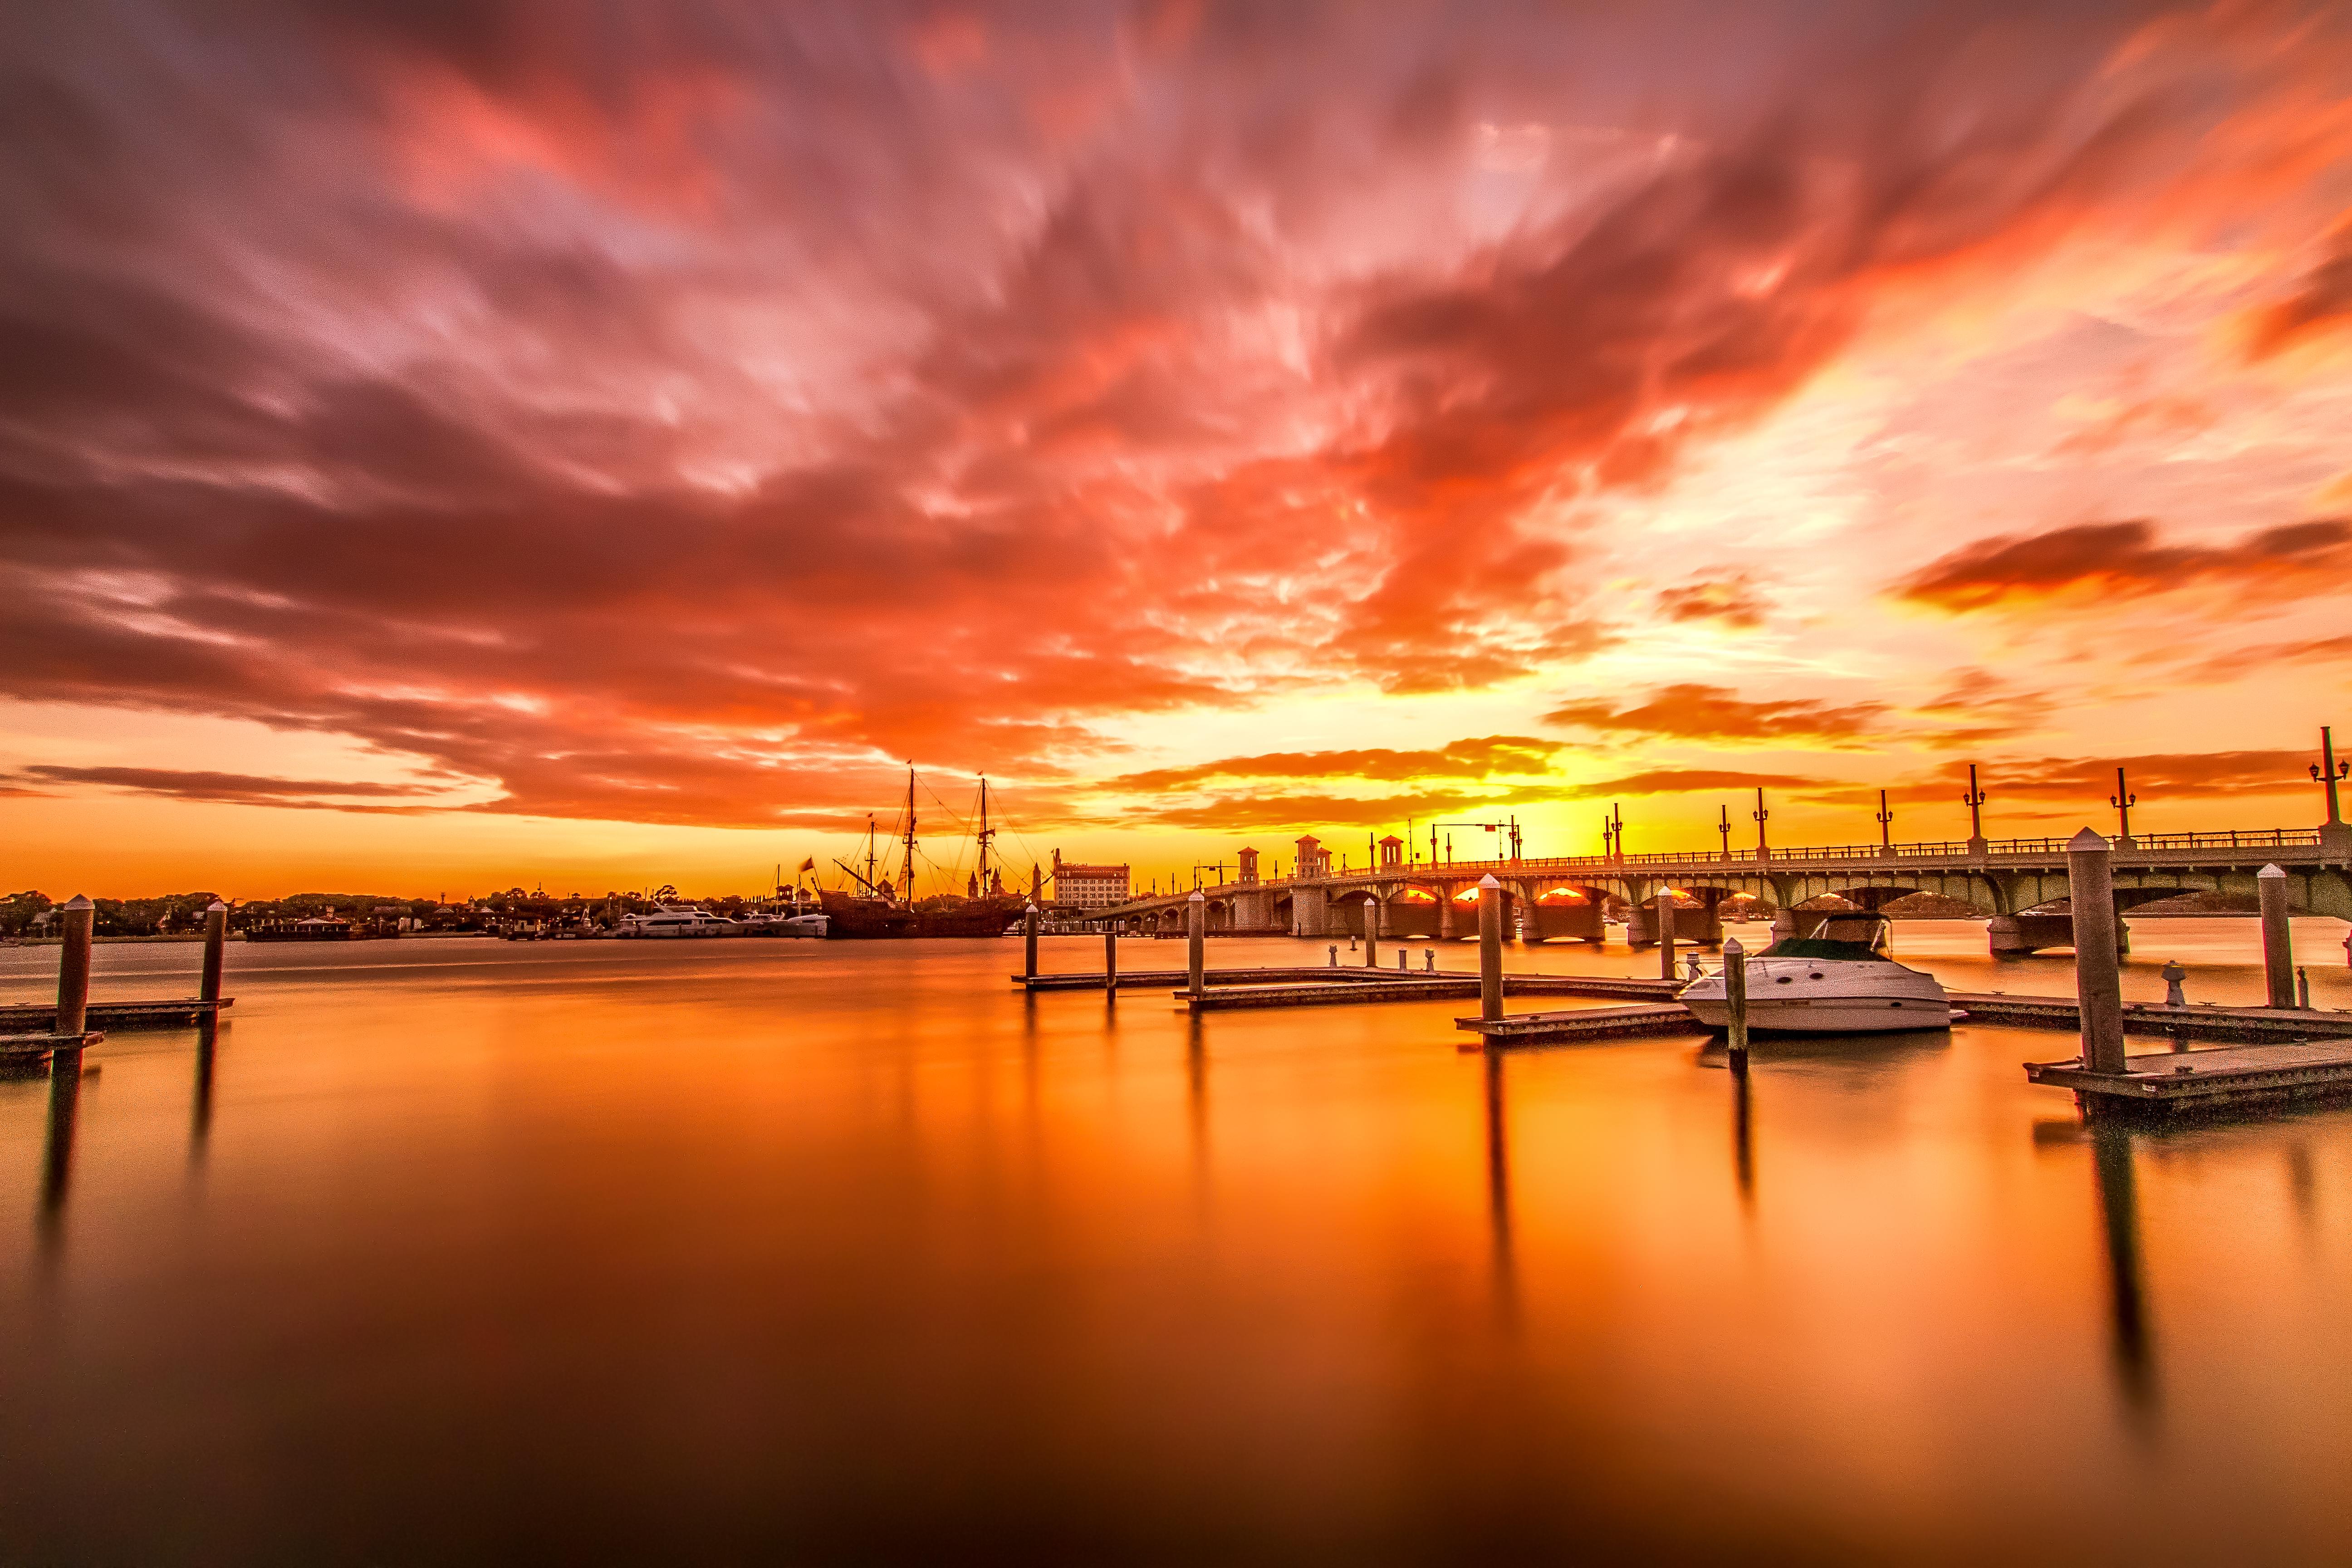 Sunset view of Marina